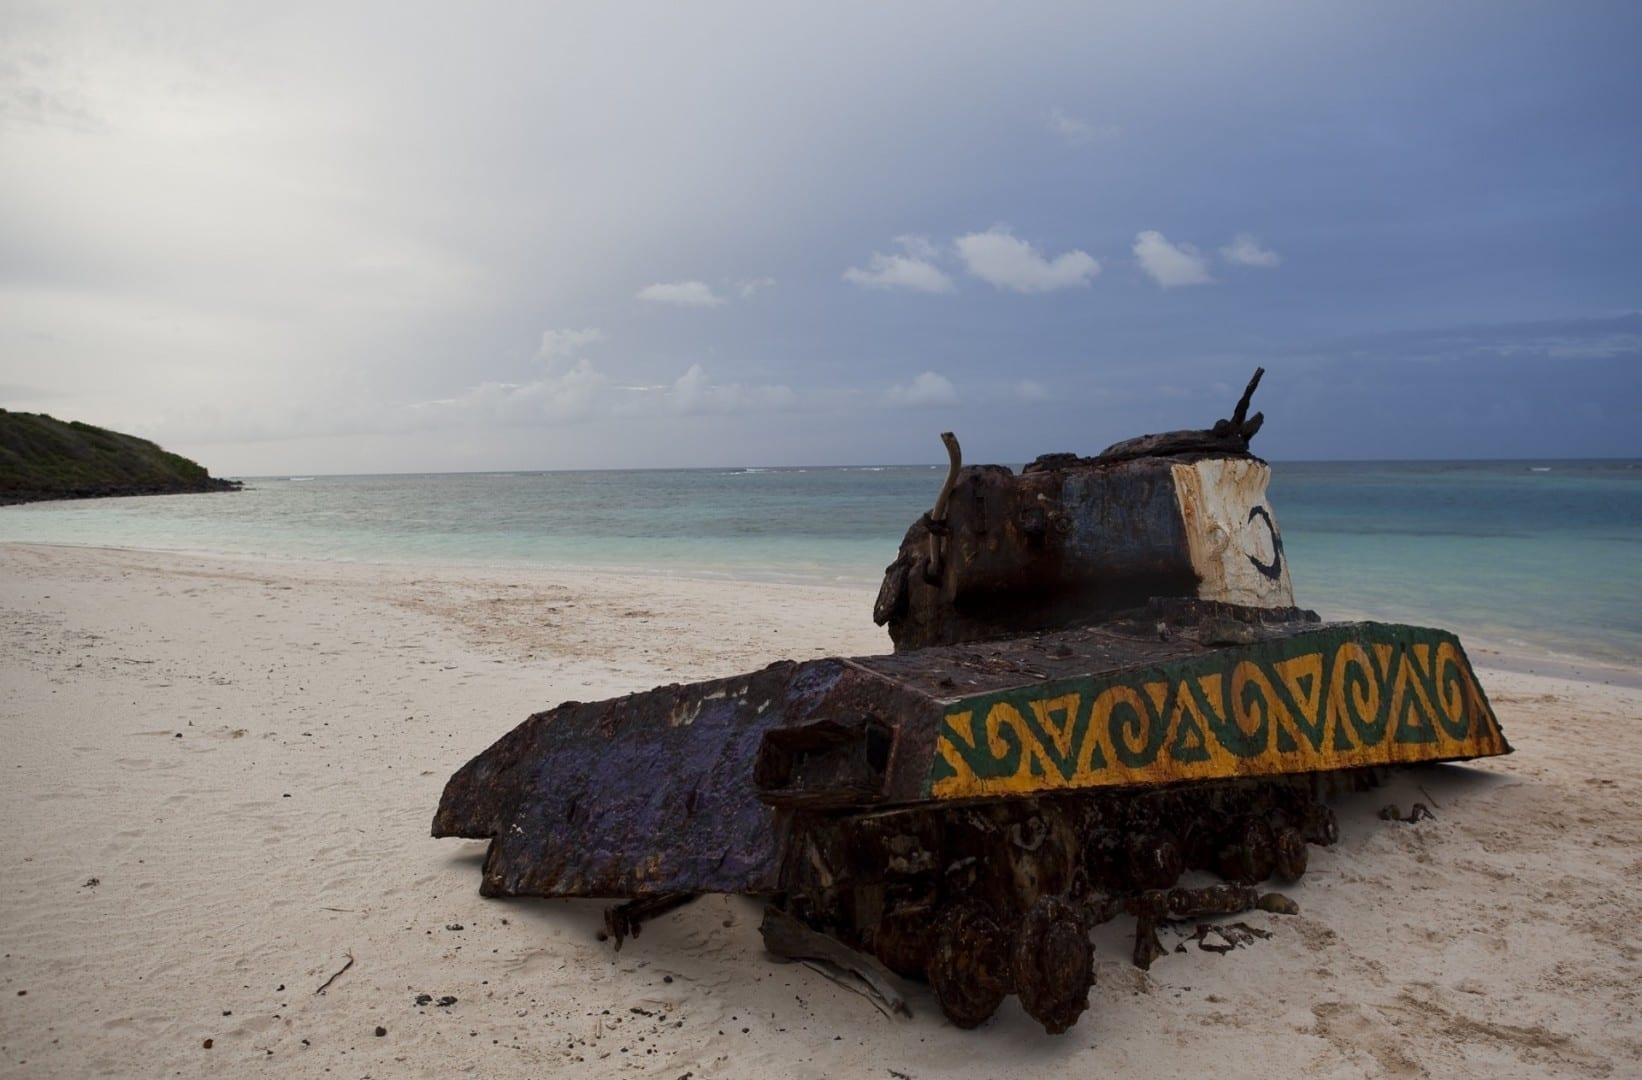 Uno de los varios tanques Sherman de la Segunda Guerra Mundial encallado en la arena de Flamenco Beach. Isla Culebra Puerto Rico